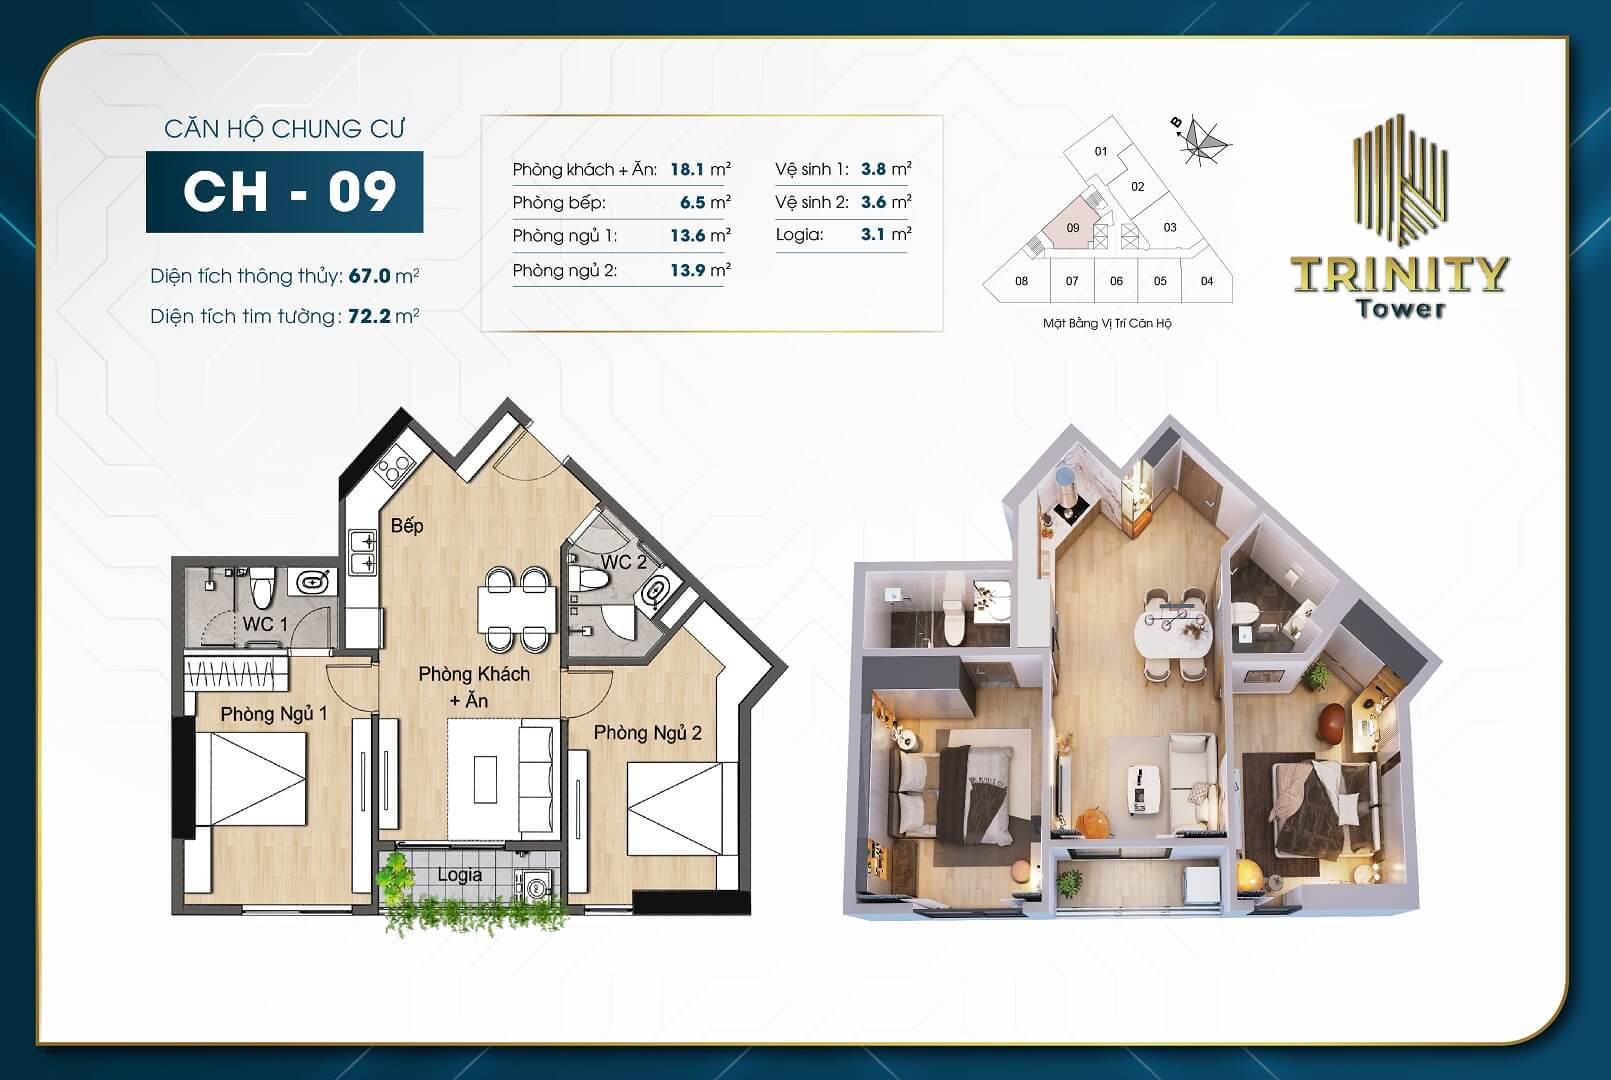 thiết kế chung cư trinity tower căn hộ 09